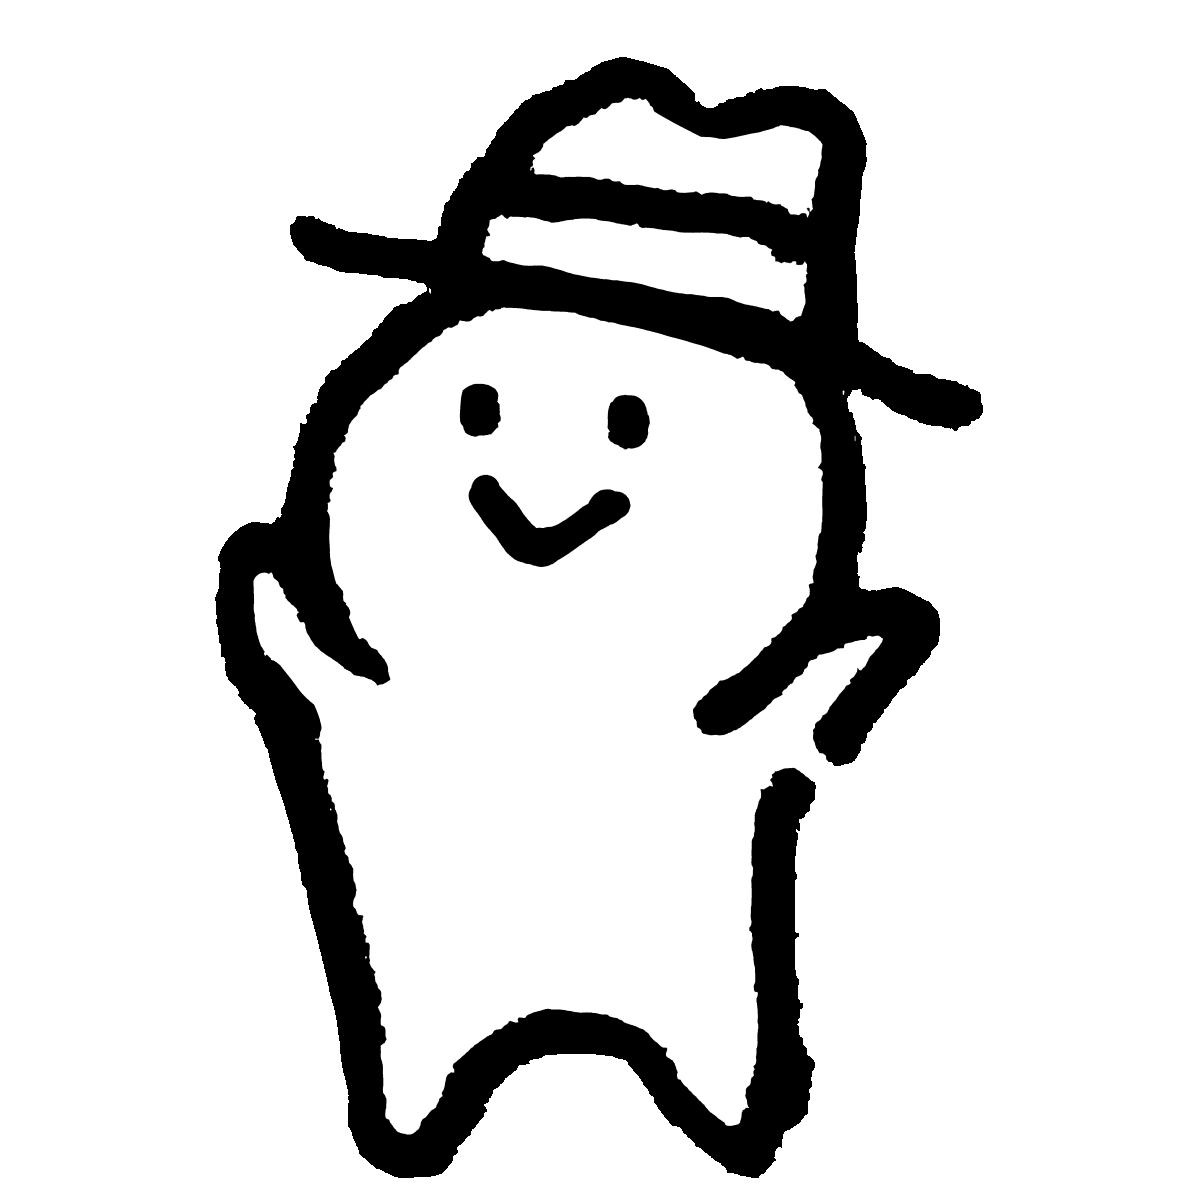 ハット帽子をかぶる人のイラスト / Person wearing a hat Illustration